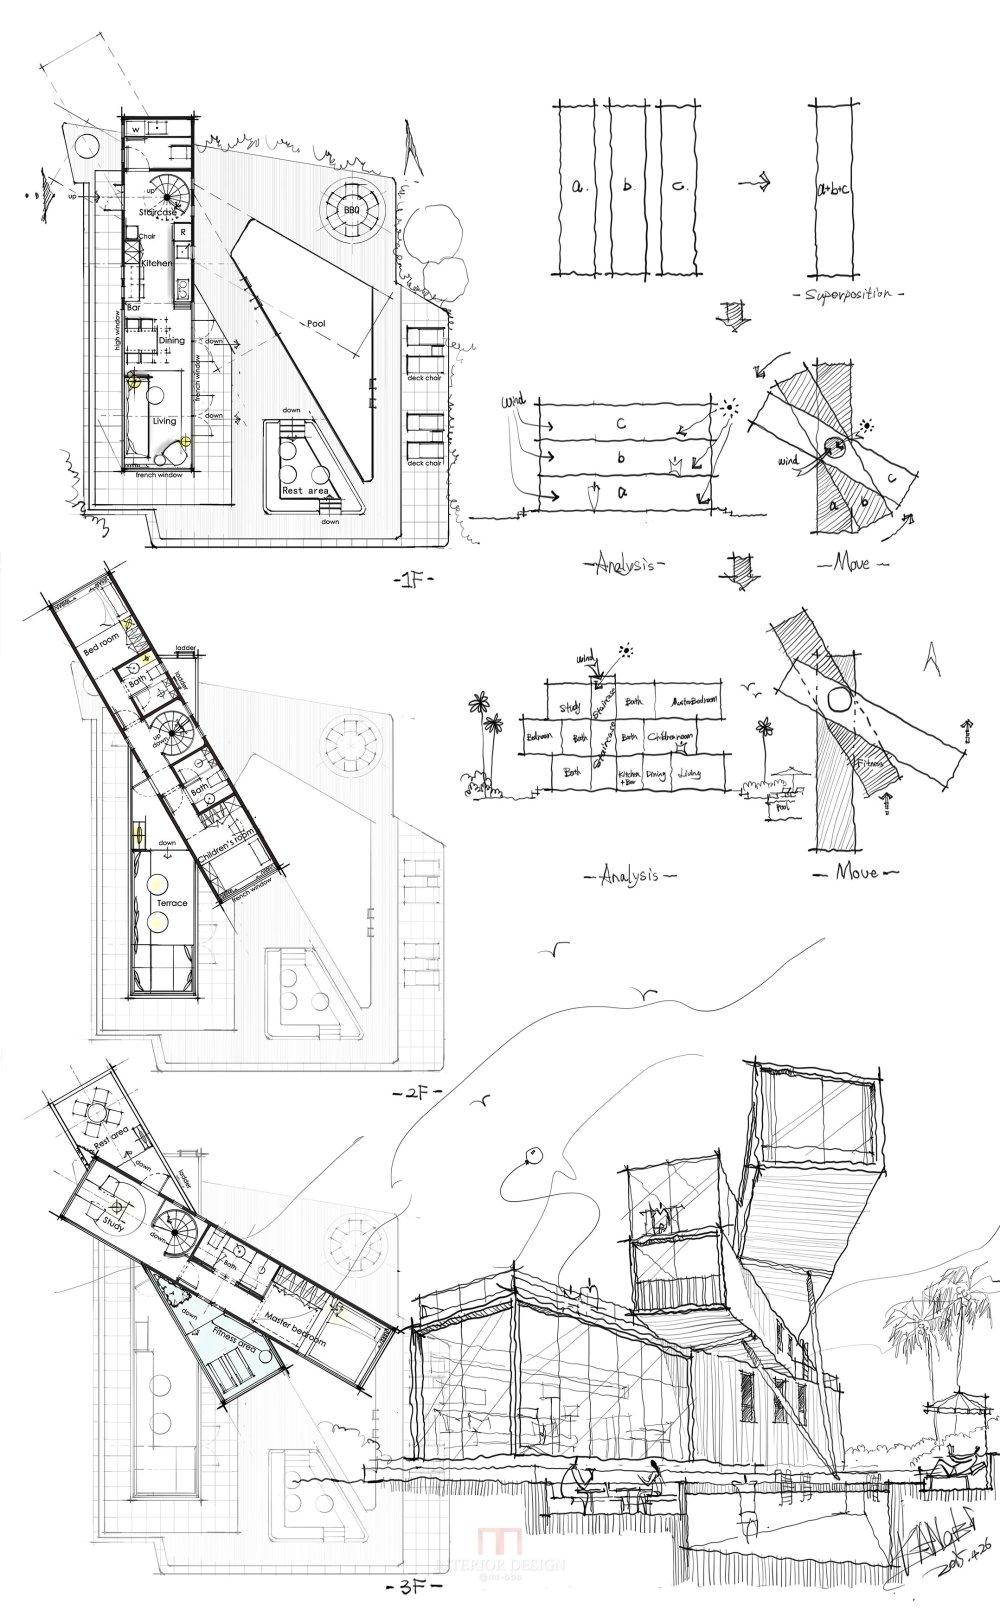 【第16期-住宅平面优化】一个集装箱住宅12套方案 投票奖励DB_12.jpg